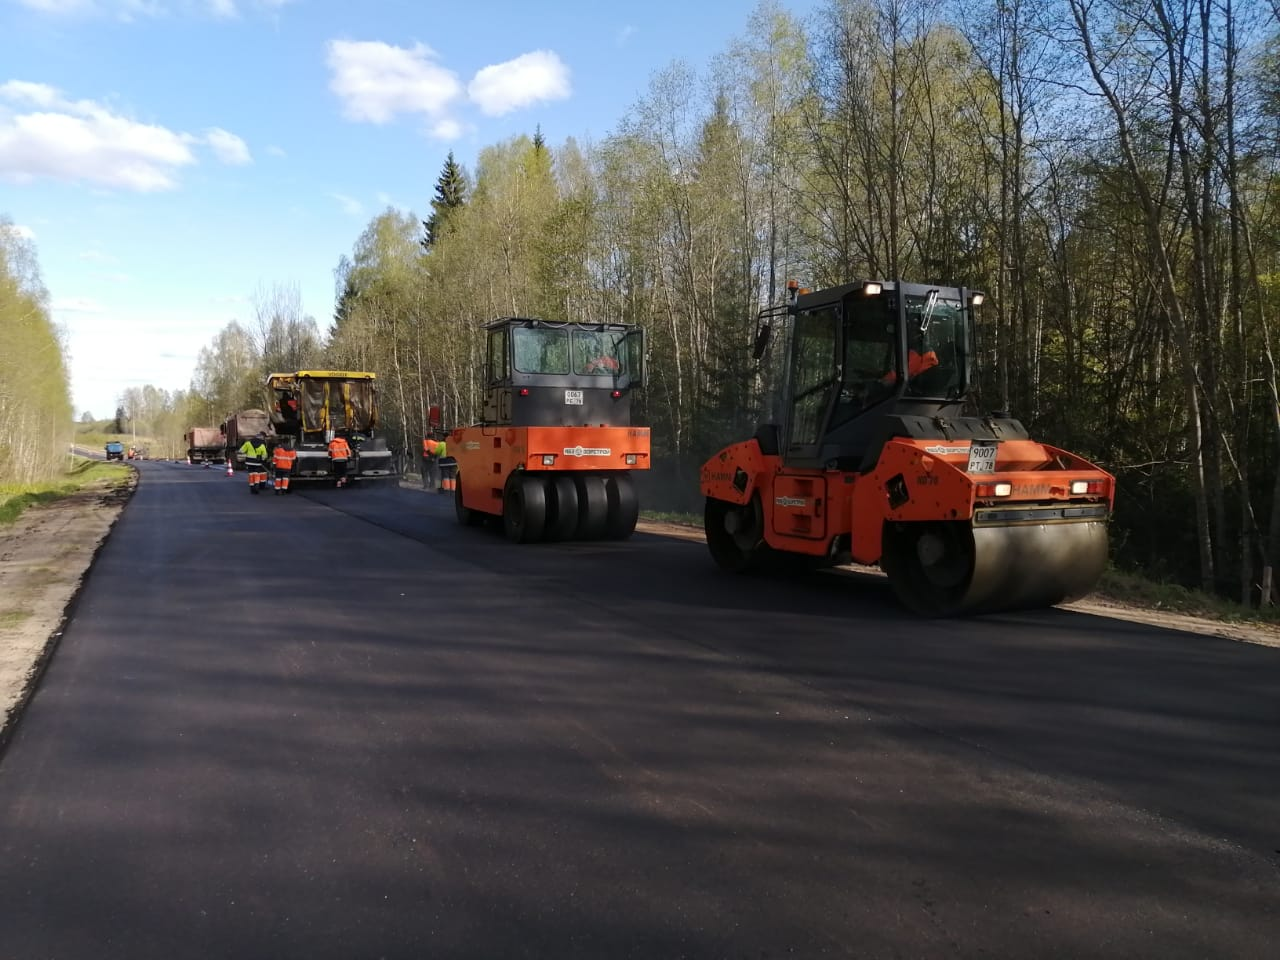 Строительная лаборатория Дорожного фонда Тверской области проверит готовность подрядчиков к осуществлению объектов дорожного нацпроекта